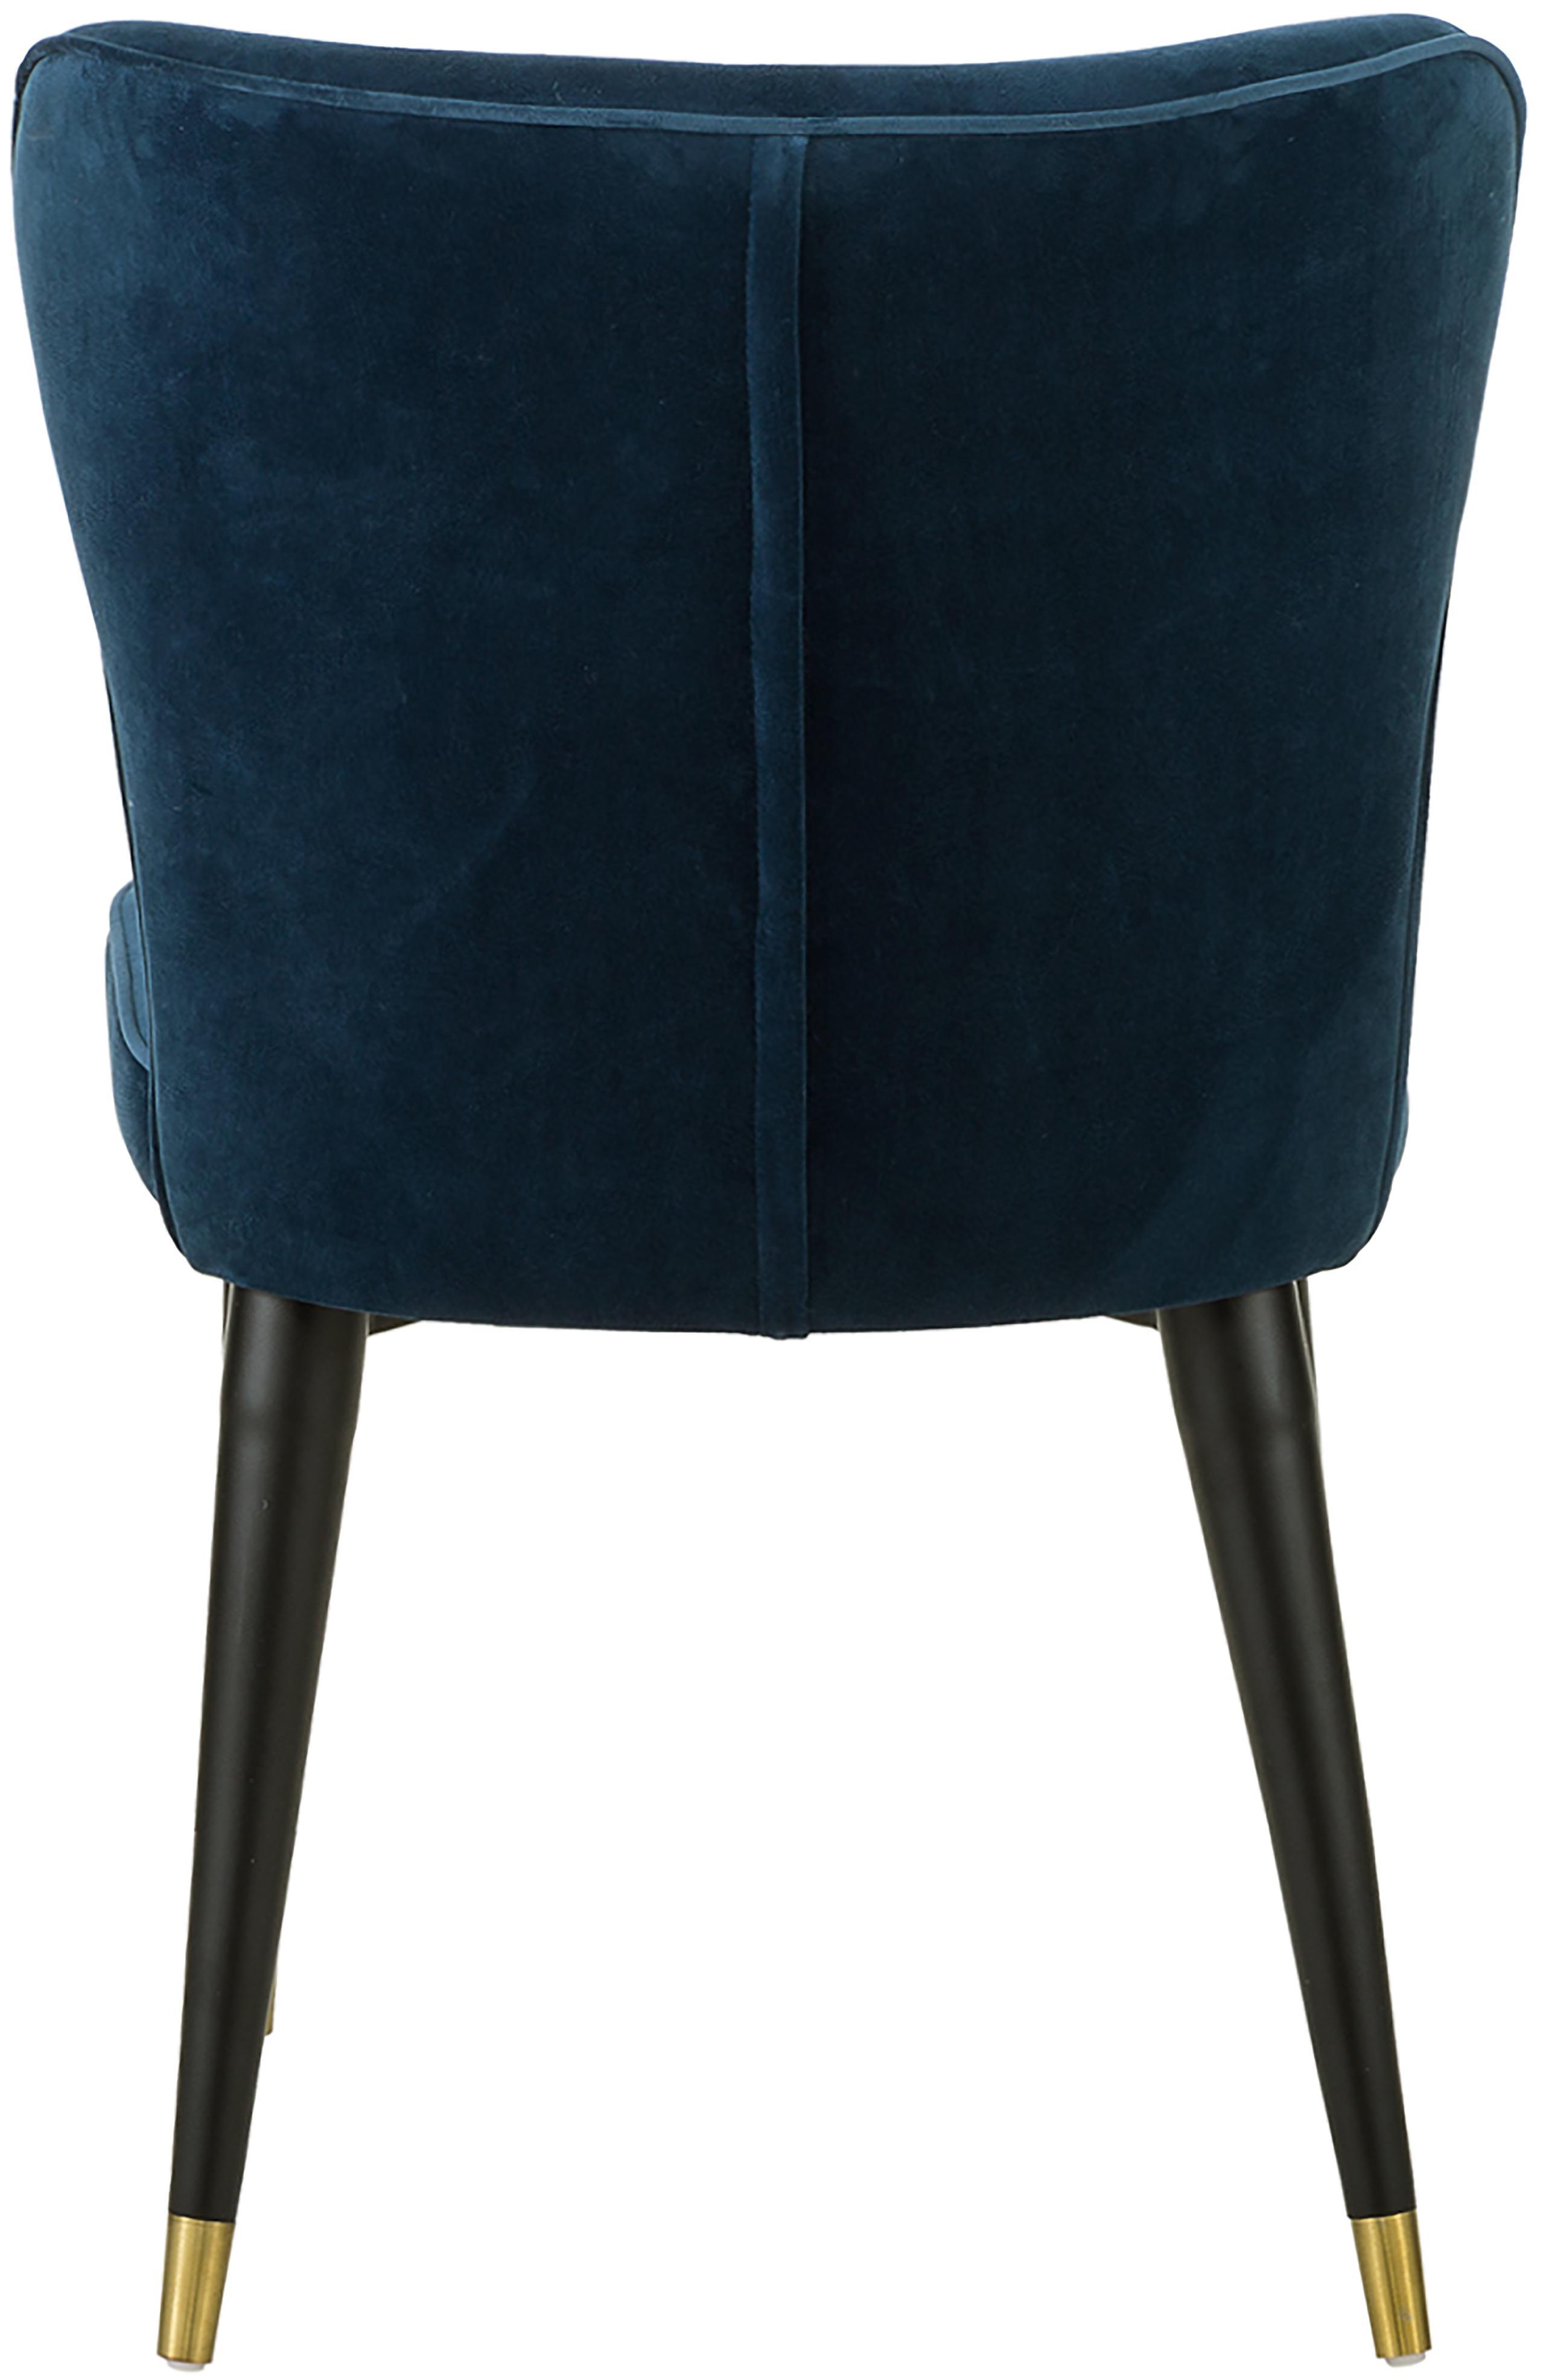 Klassischer Samt-Polsterstuhl Cleo, Bezug: Samt (Polyester) 50.000 S, Beine: Metall, lackiert, Dunkelblau, B 51 x T 62 cm